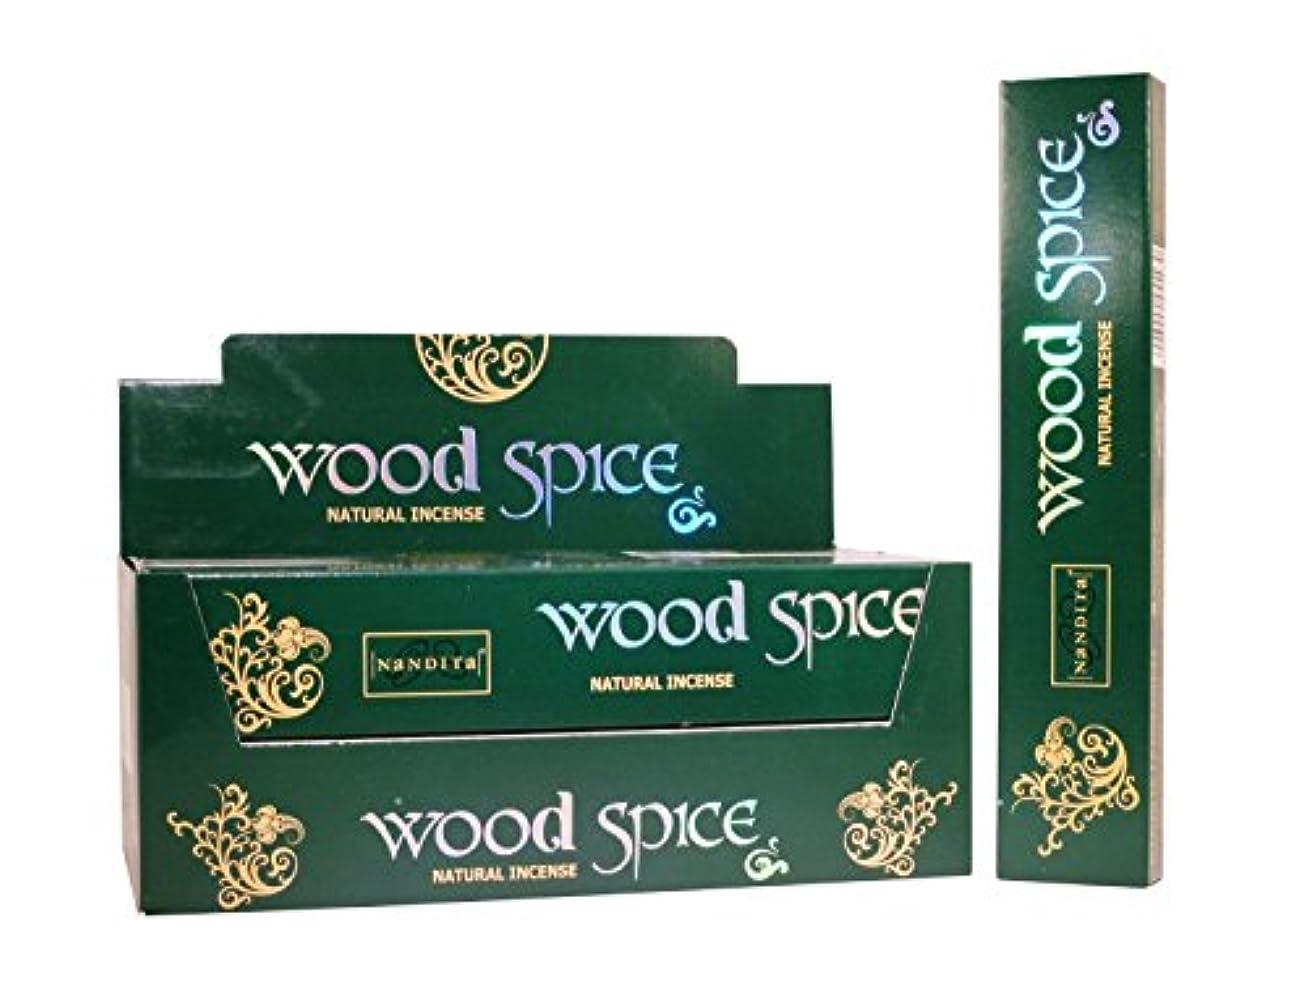 ピストン摂動けがをするNandita Wood Spice Natural Incense